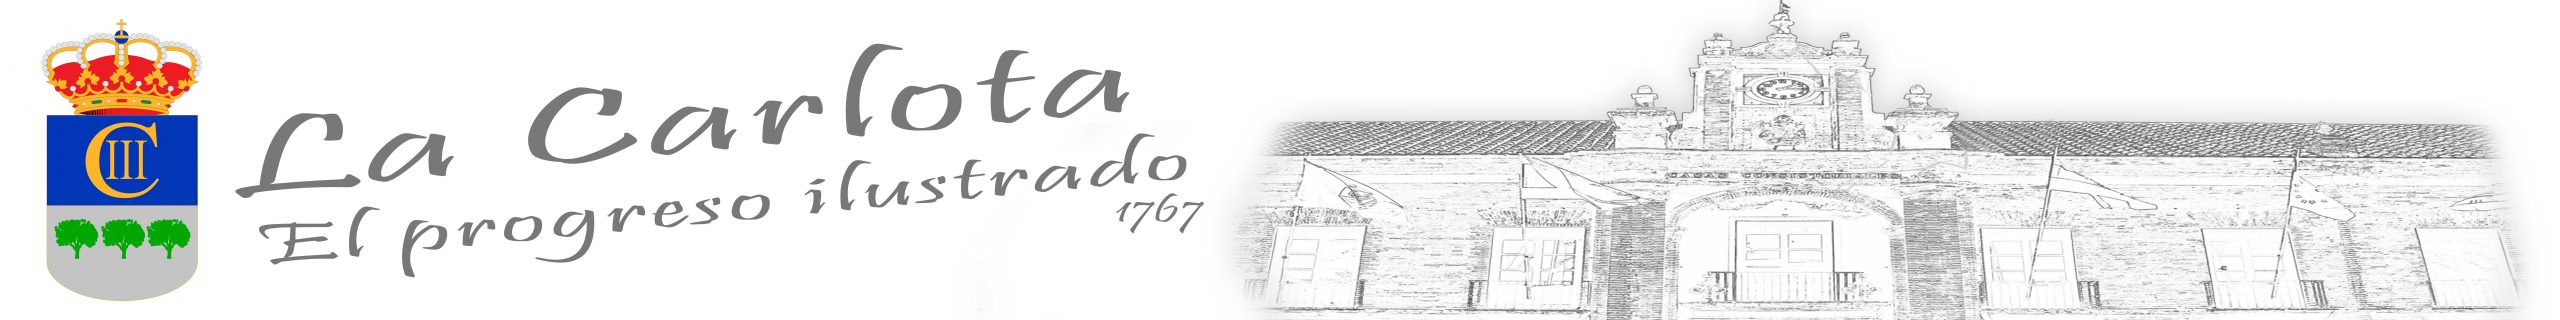 Escudo del Ayuntamiento de La Carlota